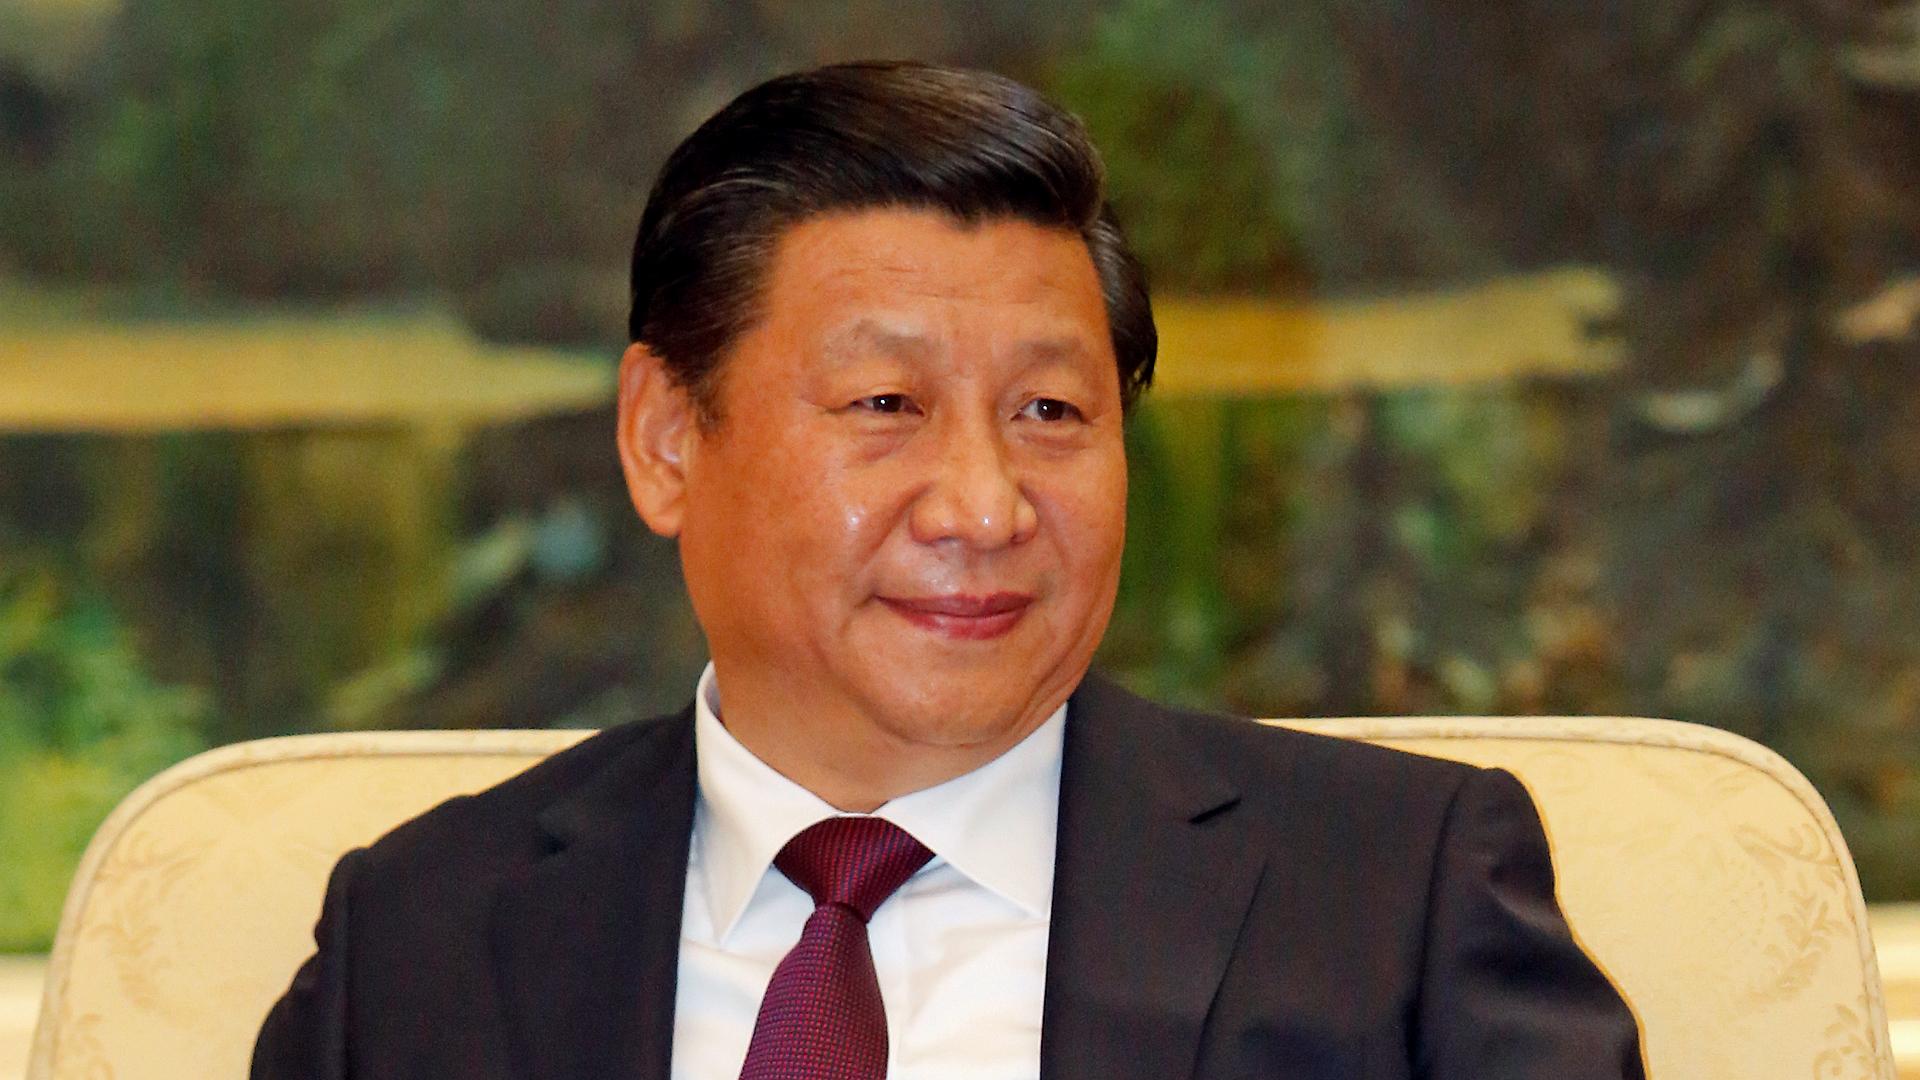 Der chinesische Staatschef Xi Jinping geht hart gegen die christlichen Gemeinden im Land vor